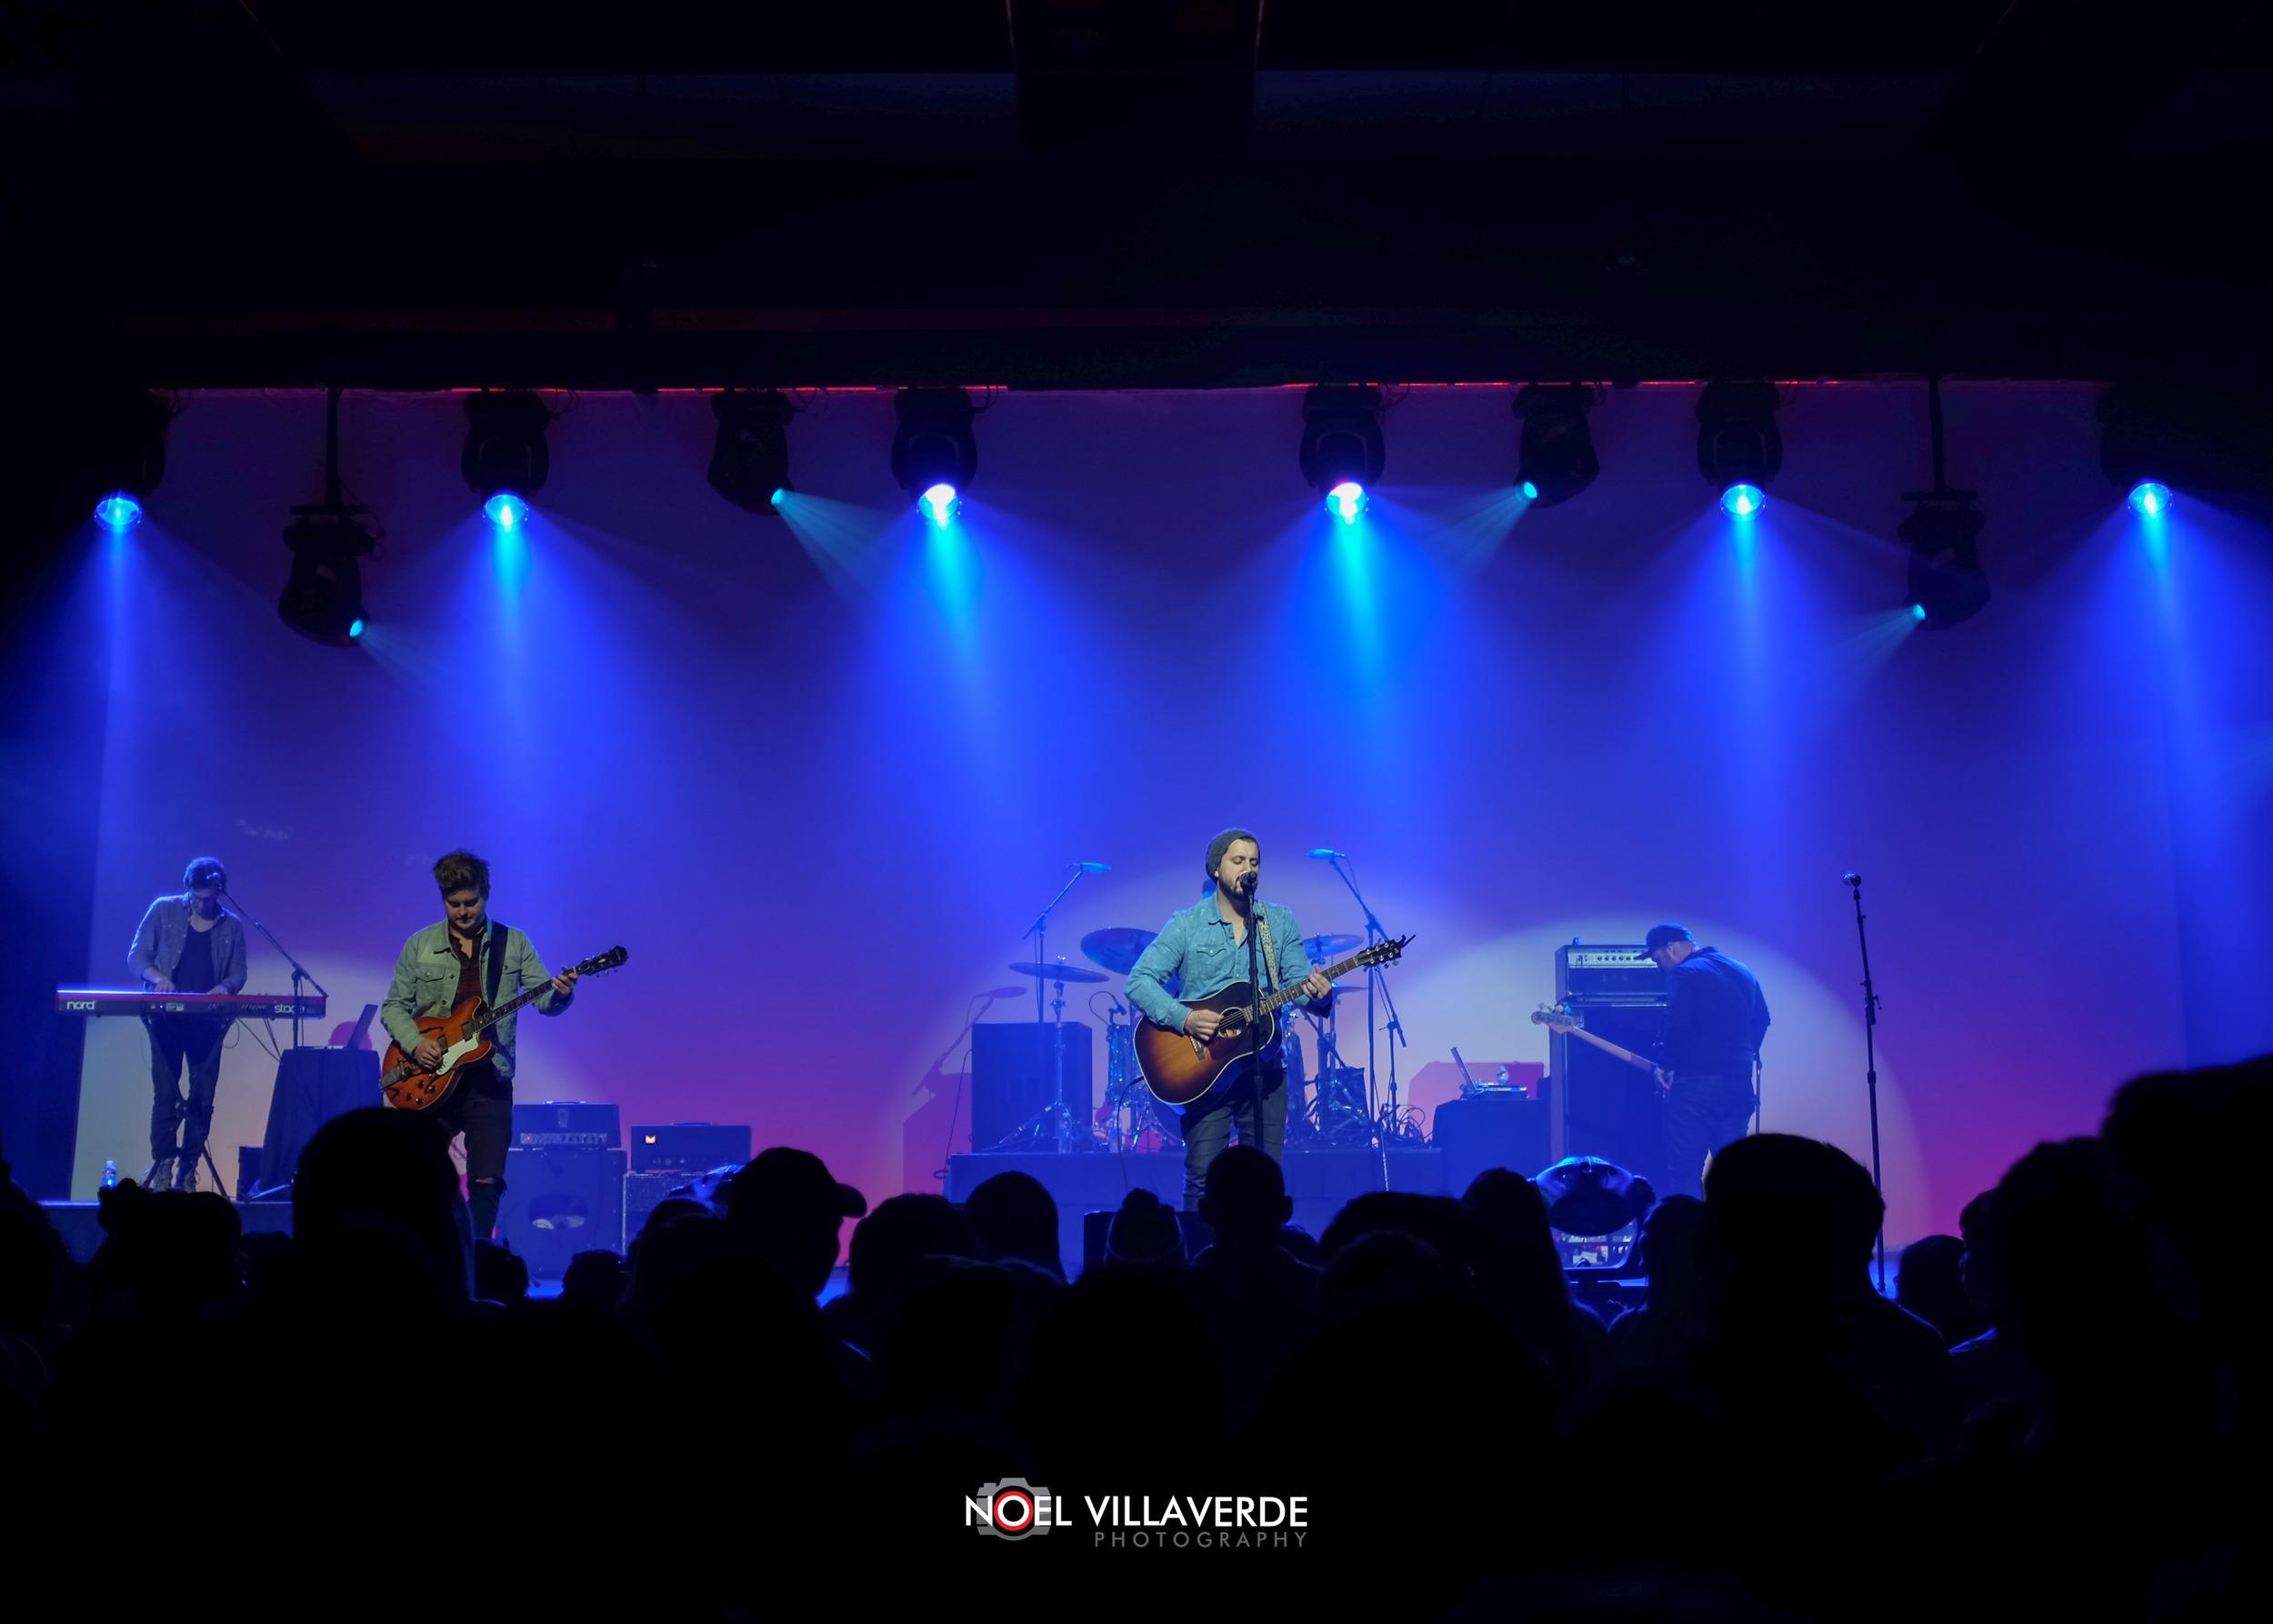 Ignition_Concert-1.jpg